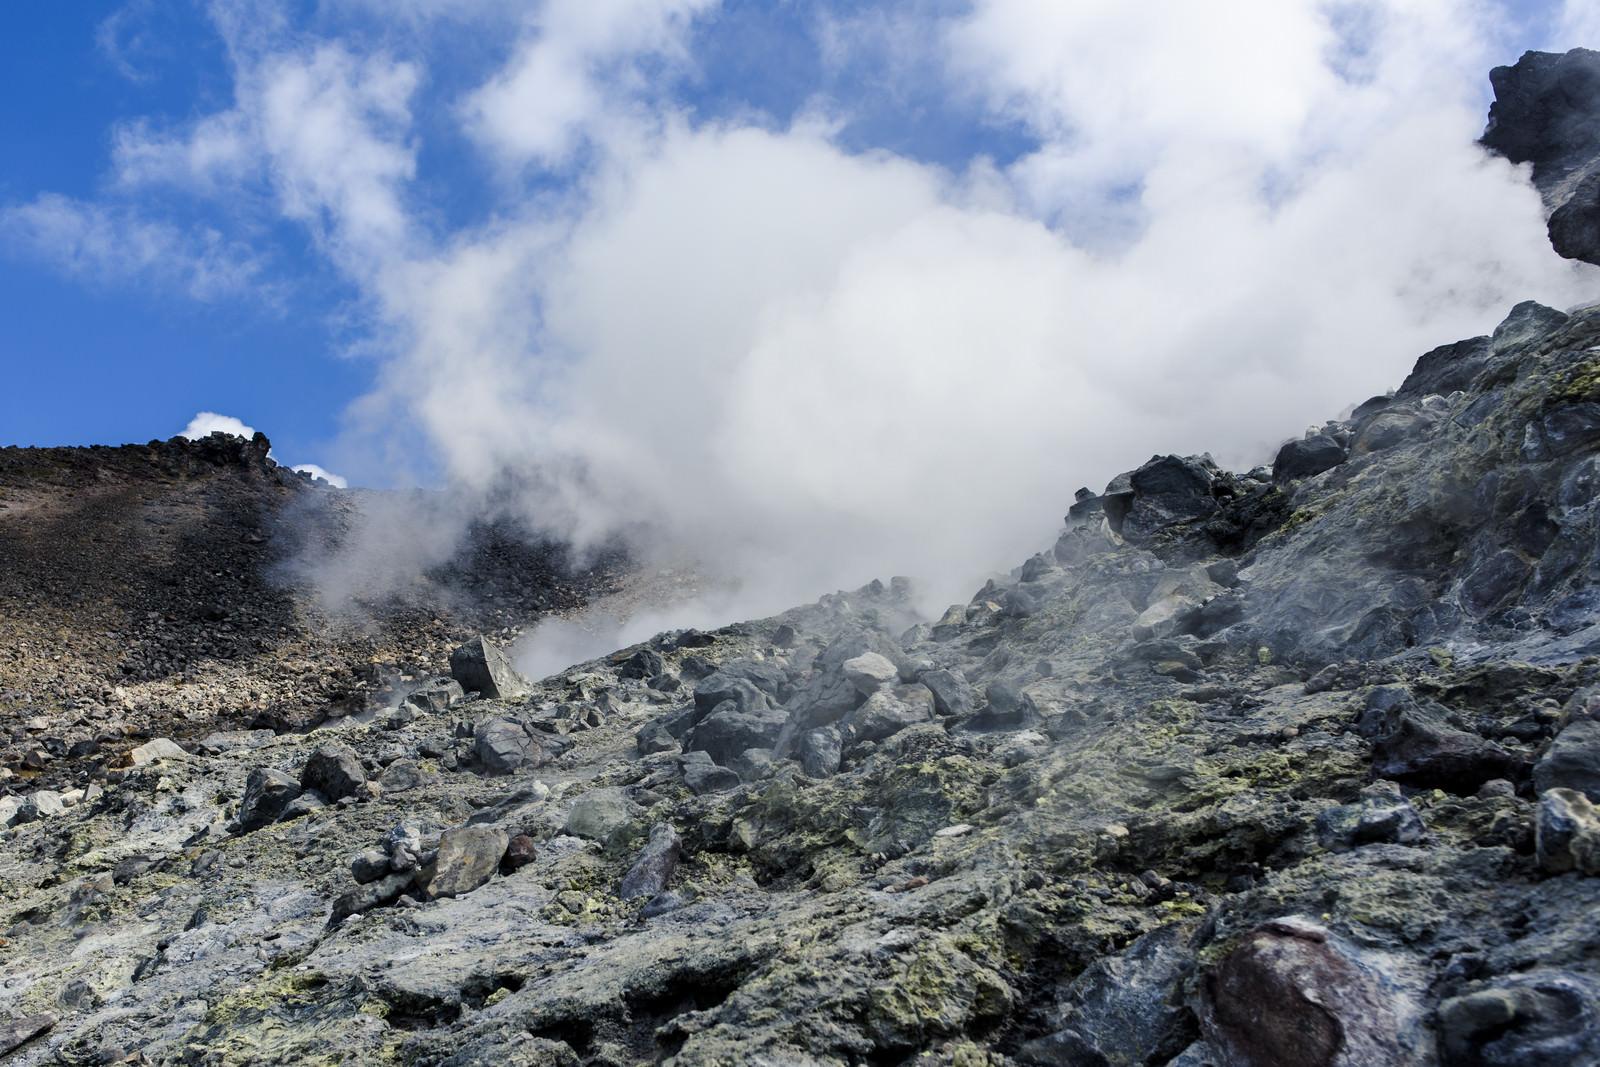 「噴気に包まれる那須岳の登山道」の写真